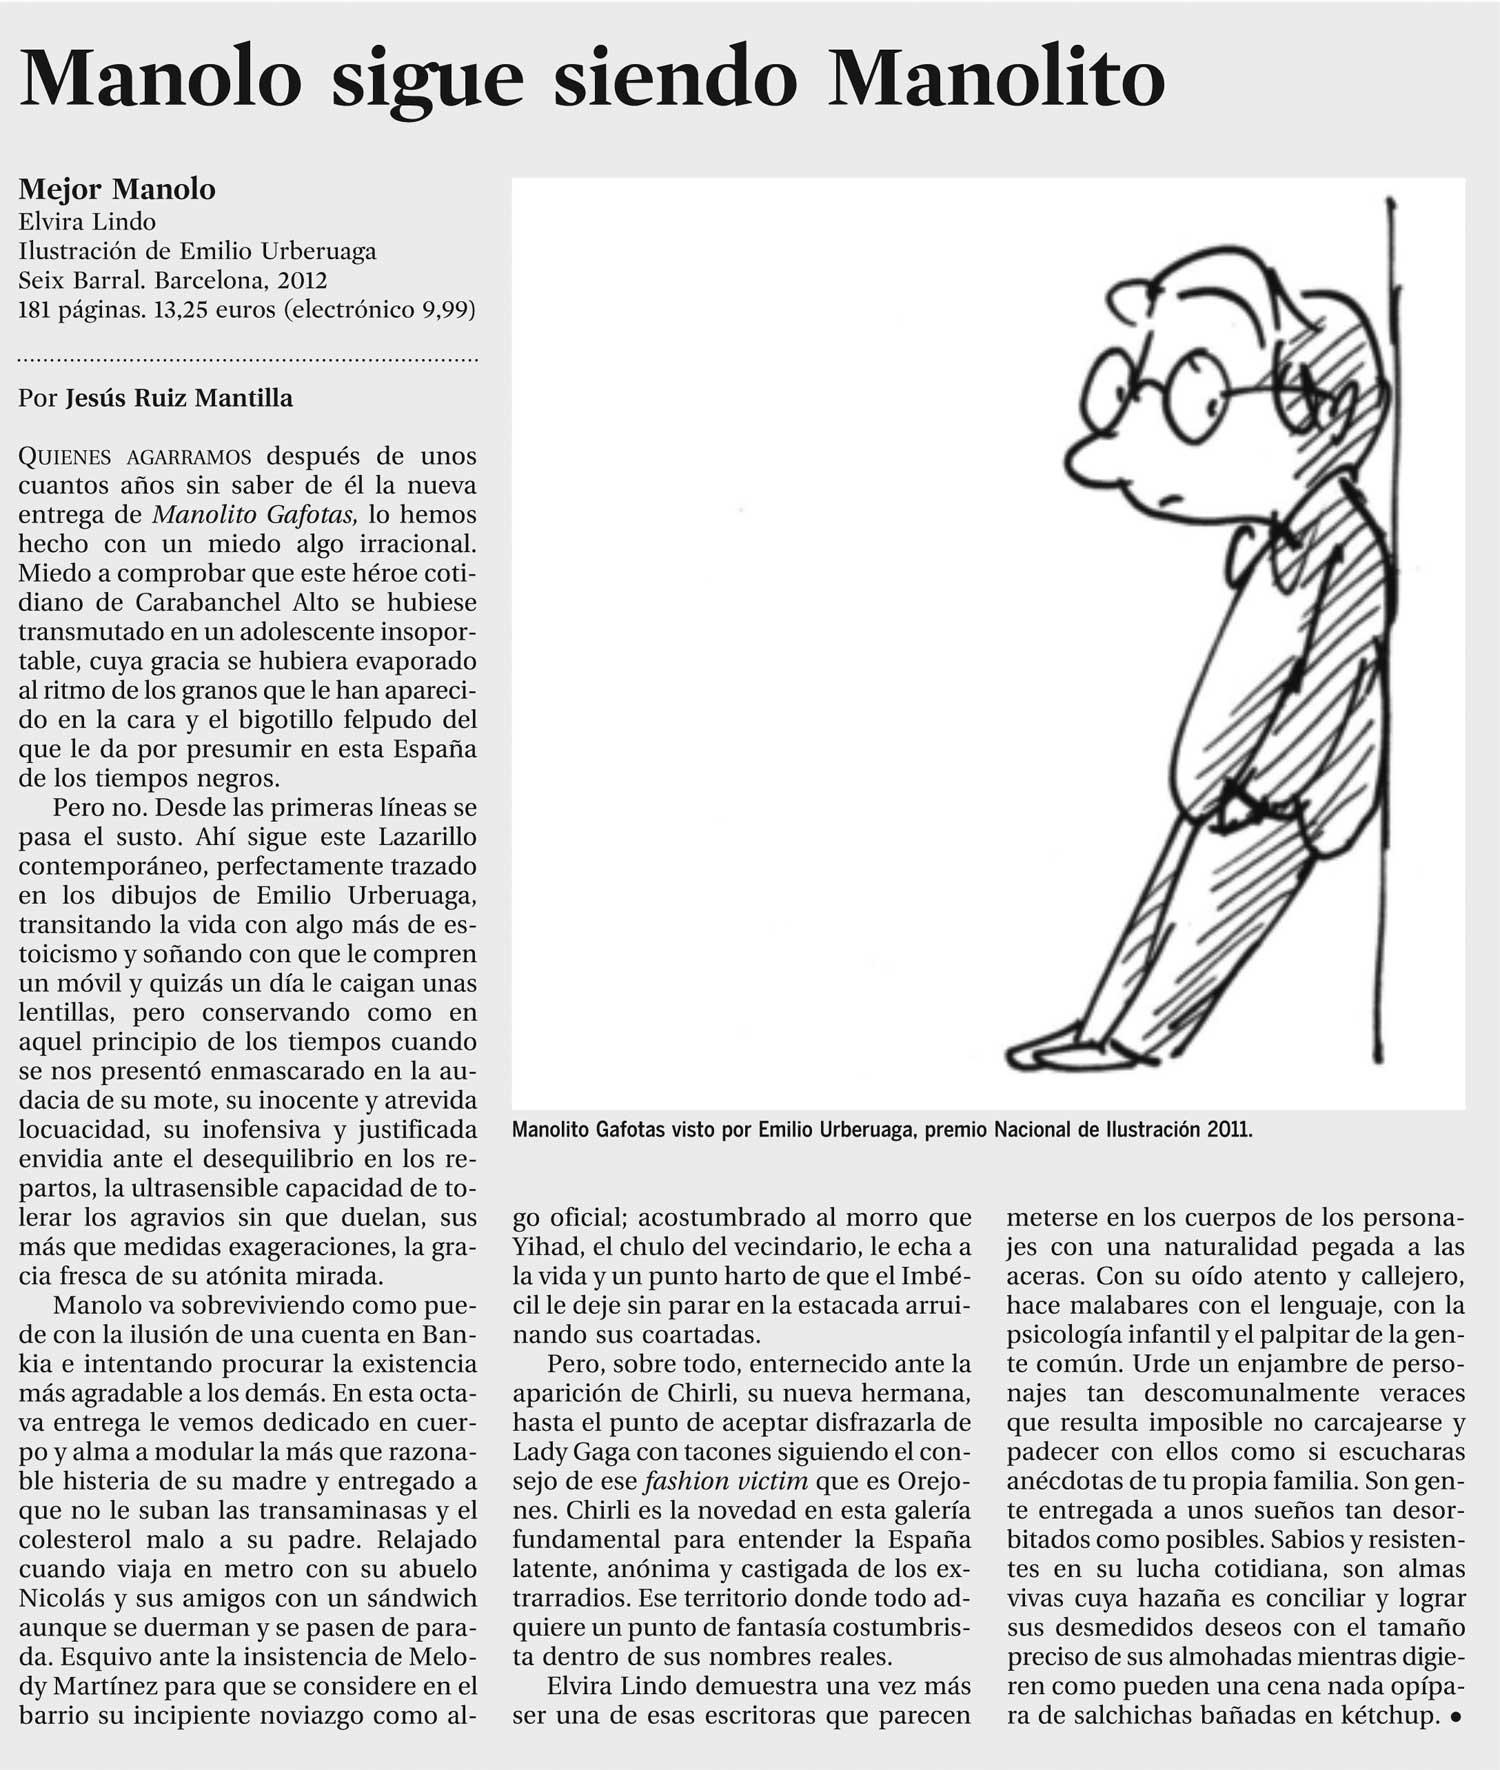 Manolito Gafotas | Elvira Lindo - Página Web Oficial - Noticias ...